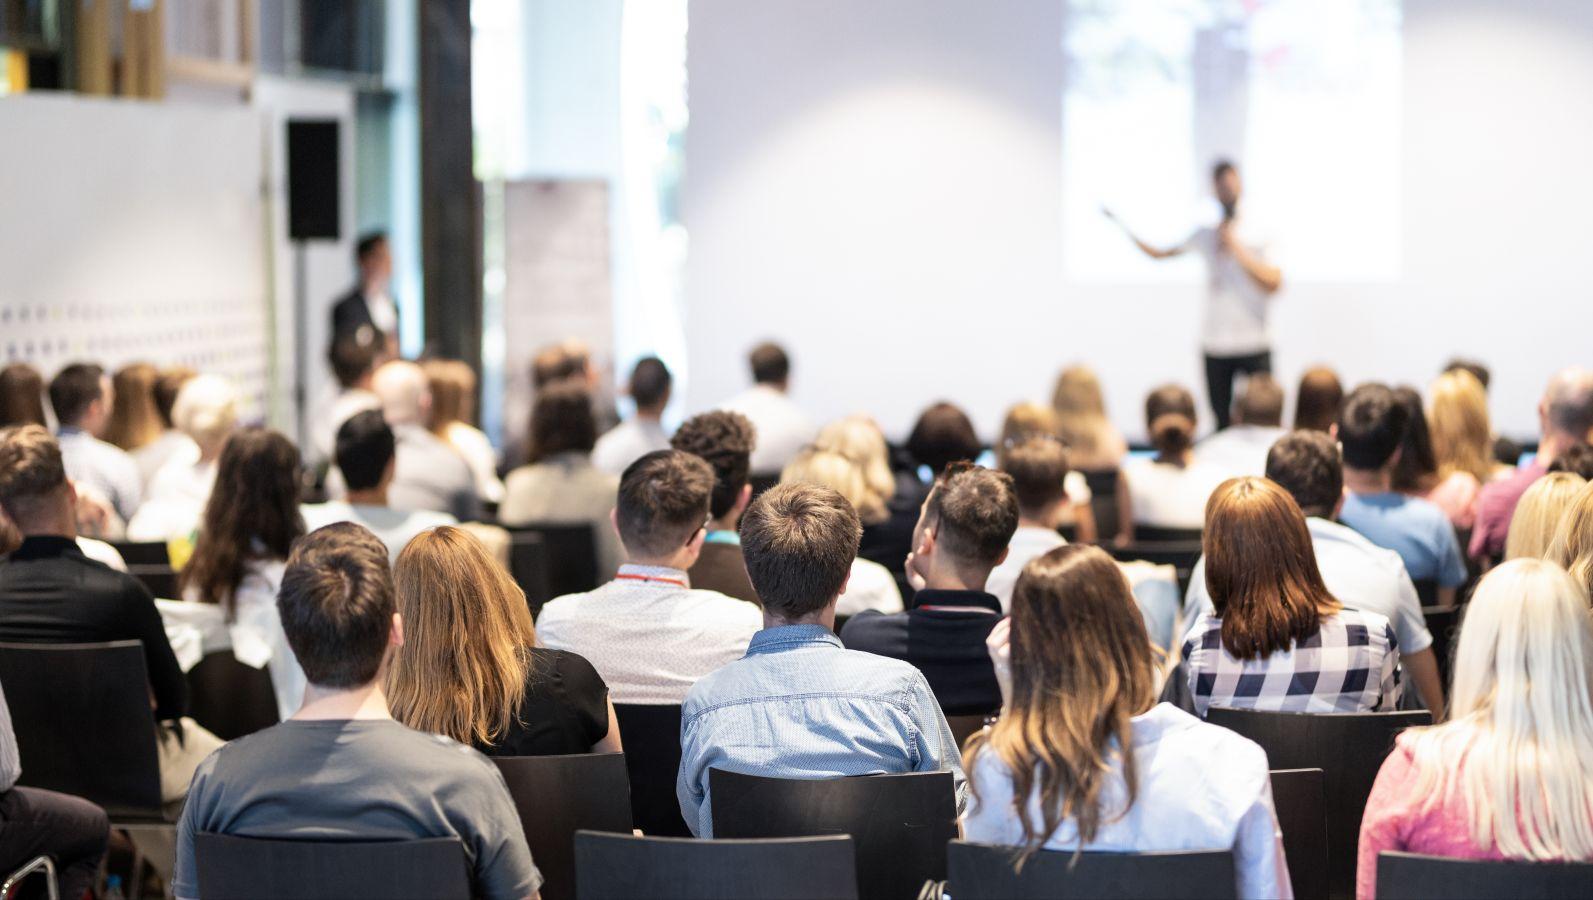 Bild eines Konferenzvortrages mit Blick auf den Sprecher auf dem Podium.